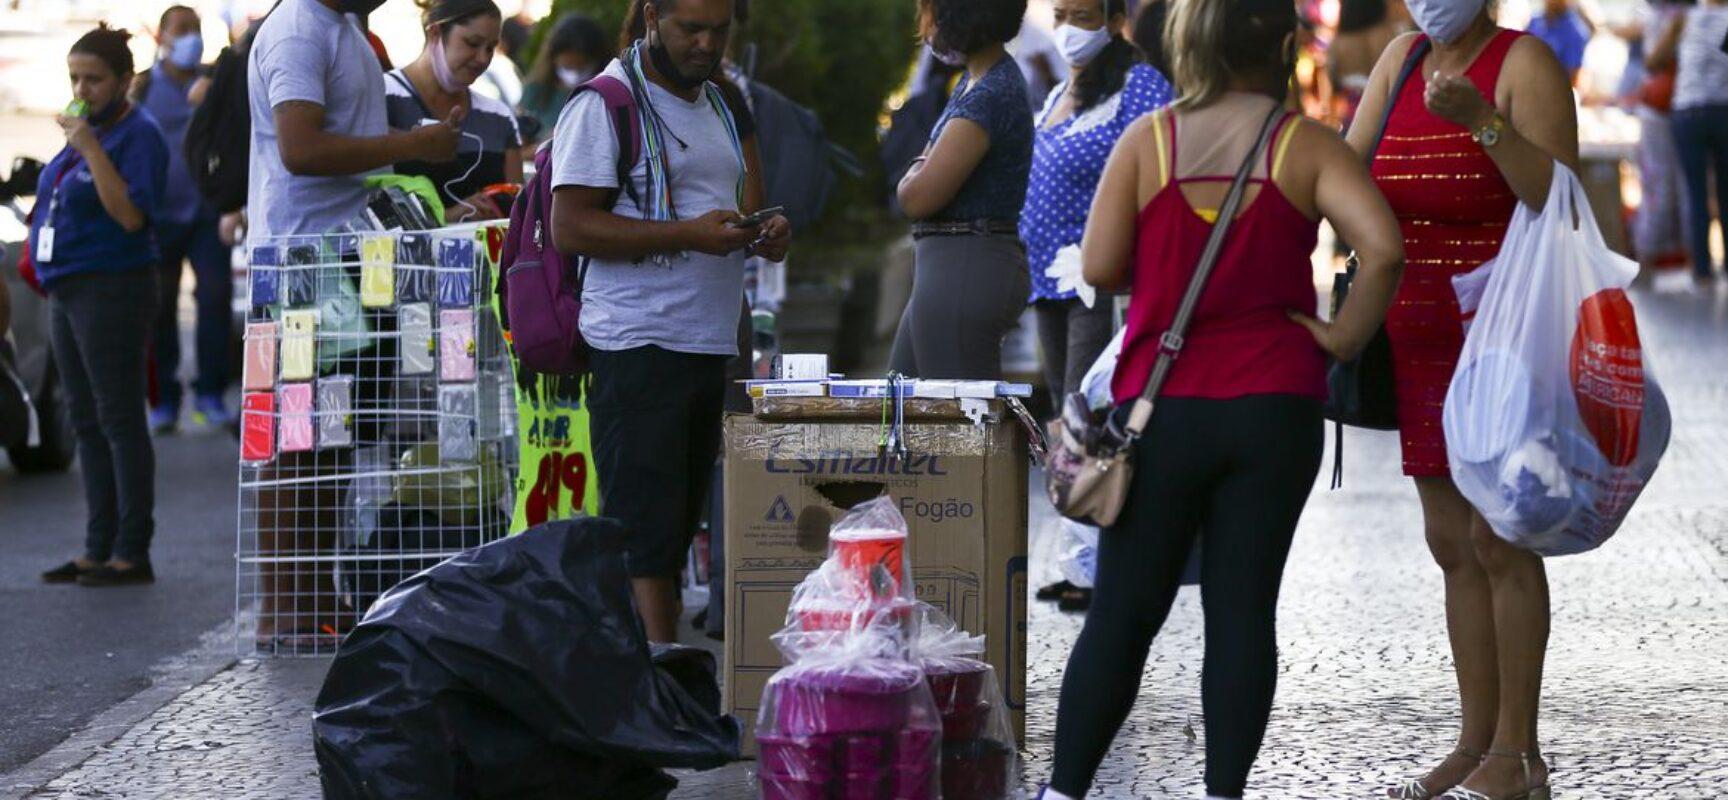 Pandemia ainda provoca impactos no mercado de trabalho, diz Ipea